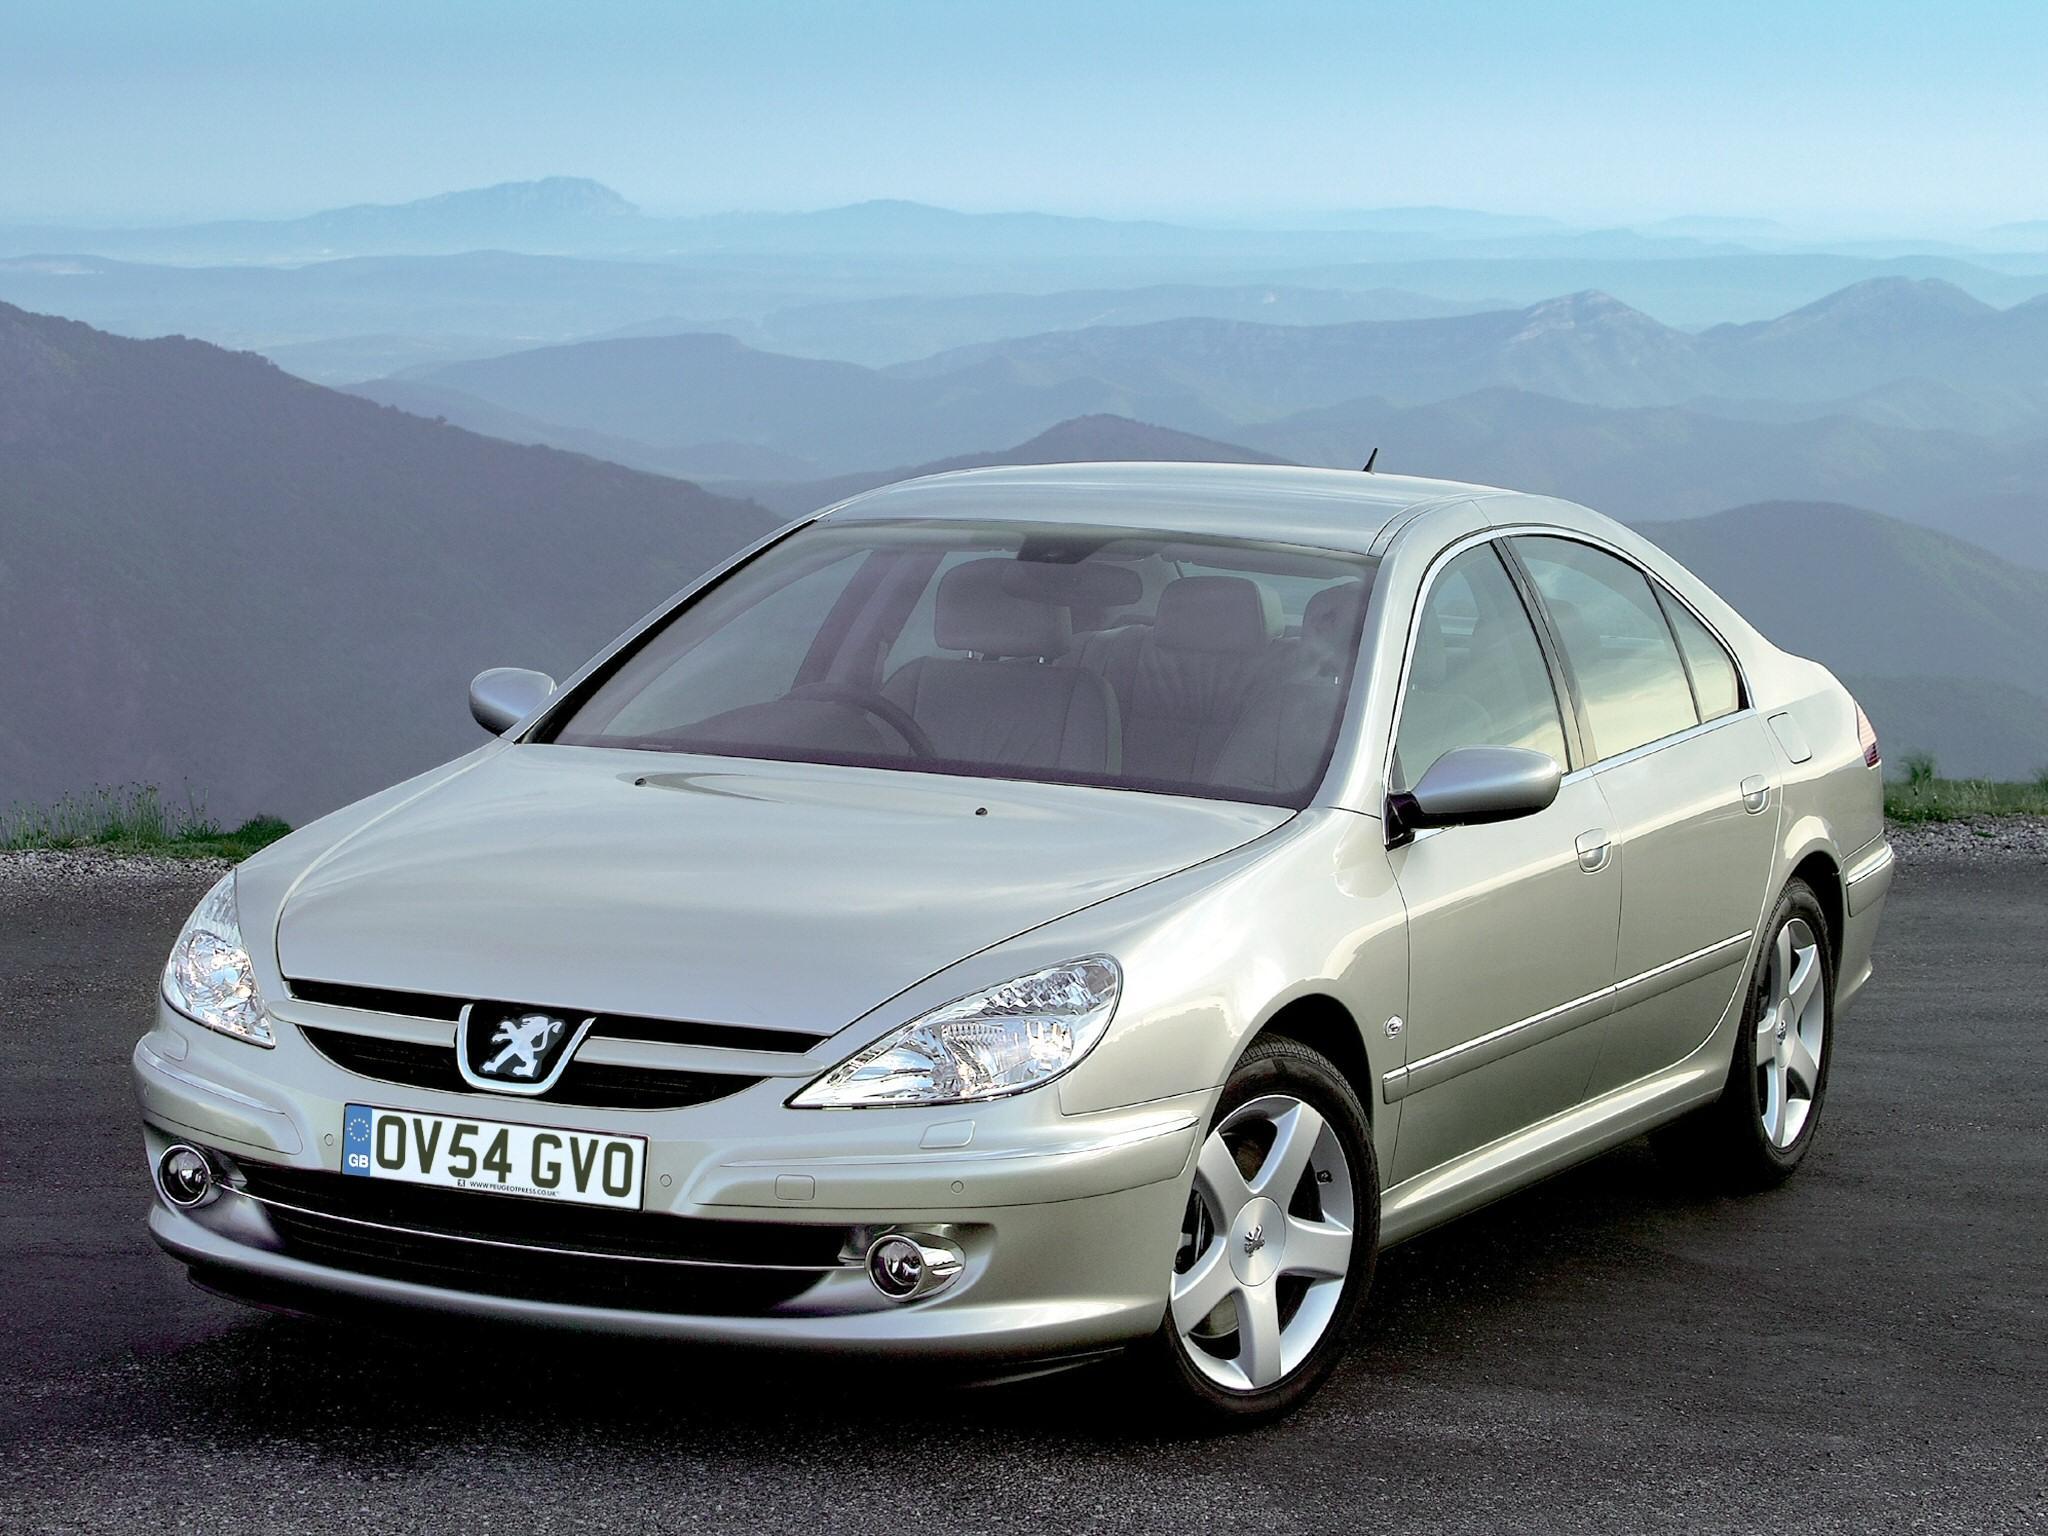 2009 Peugeot 607